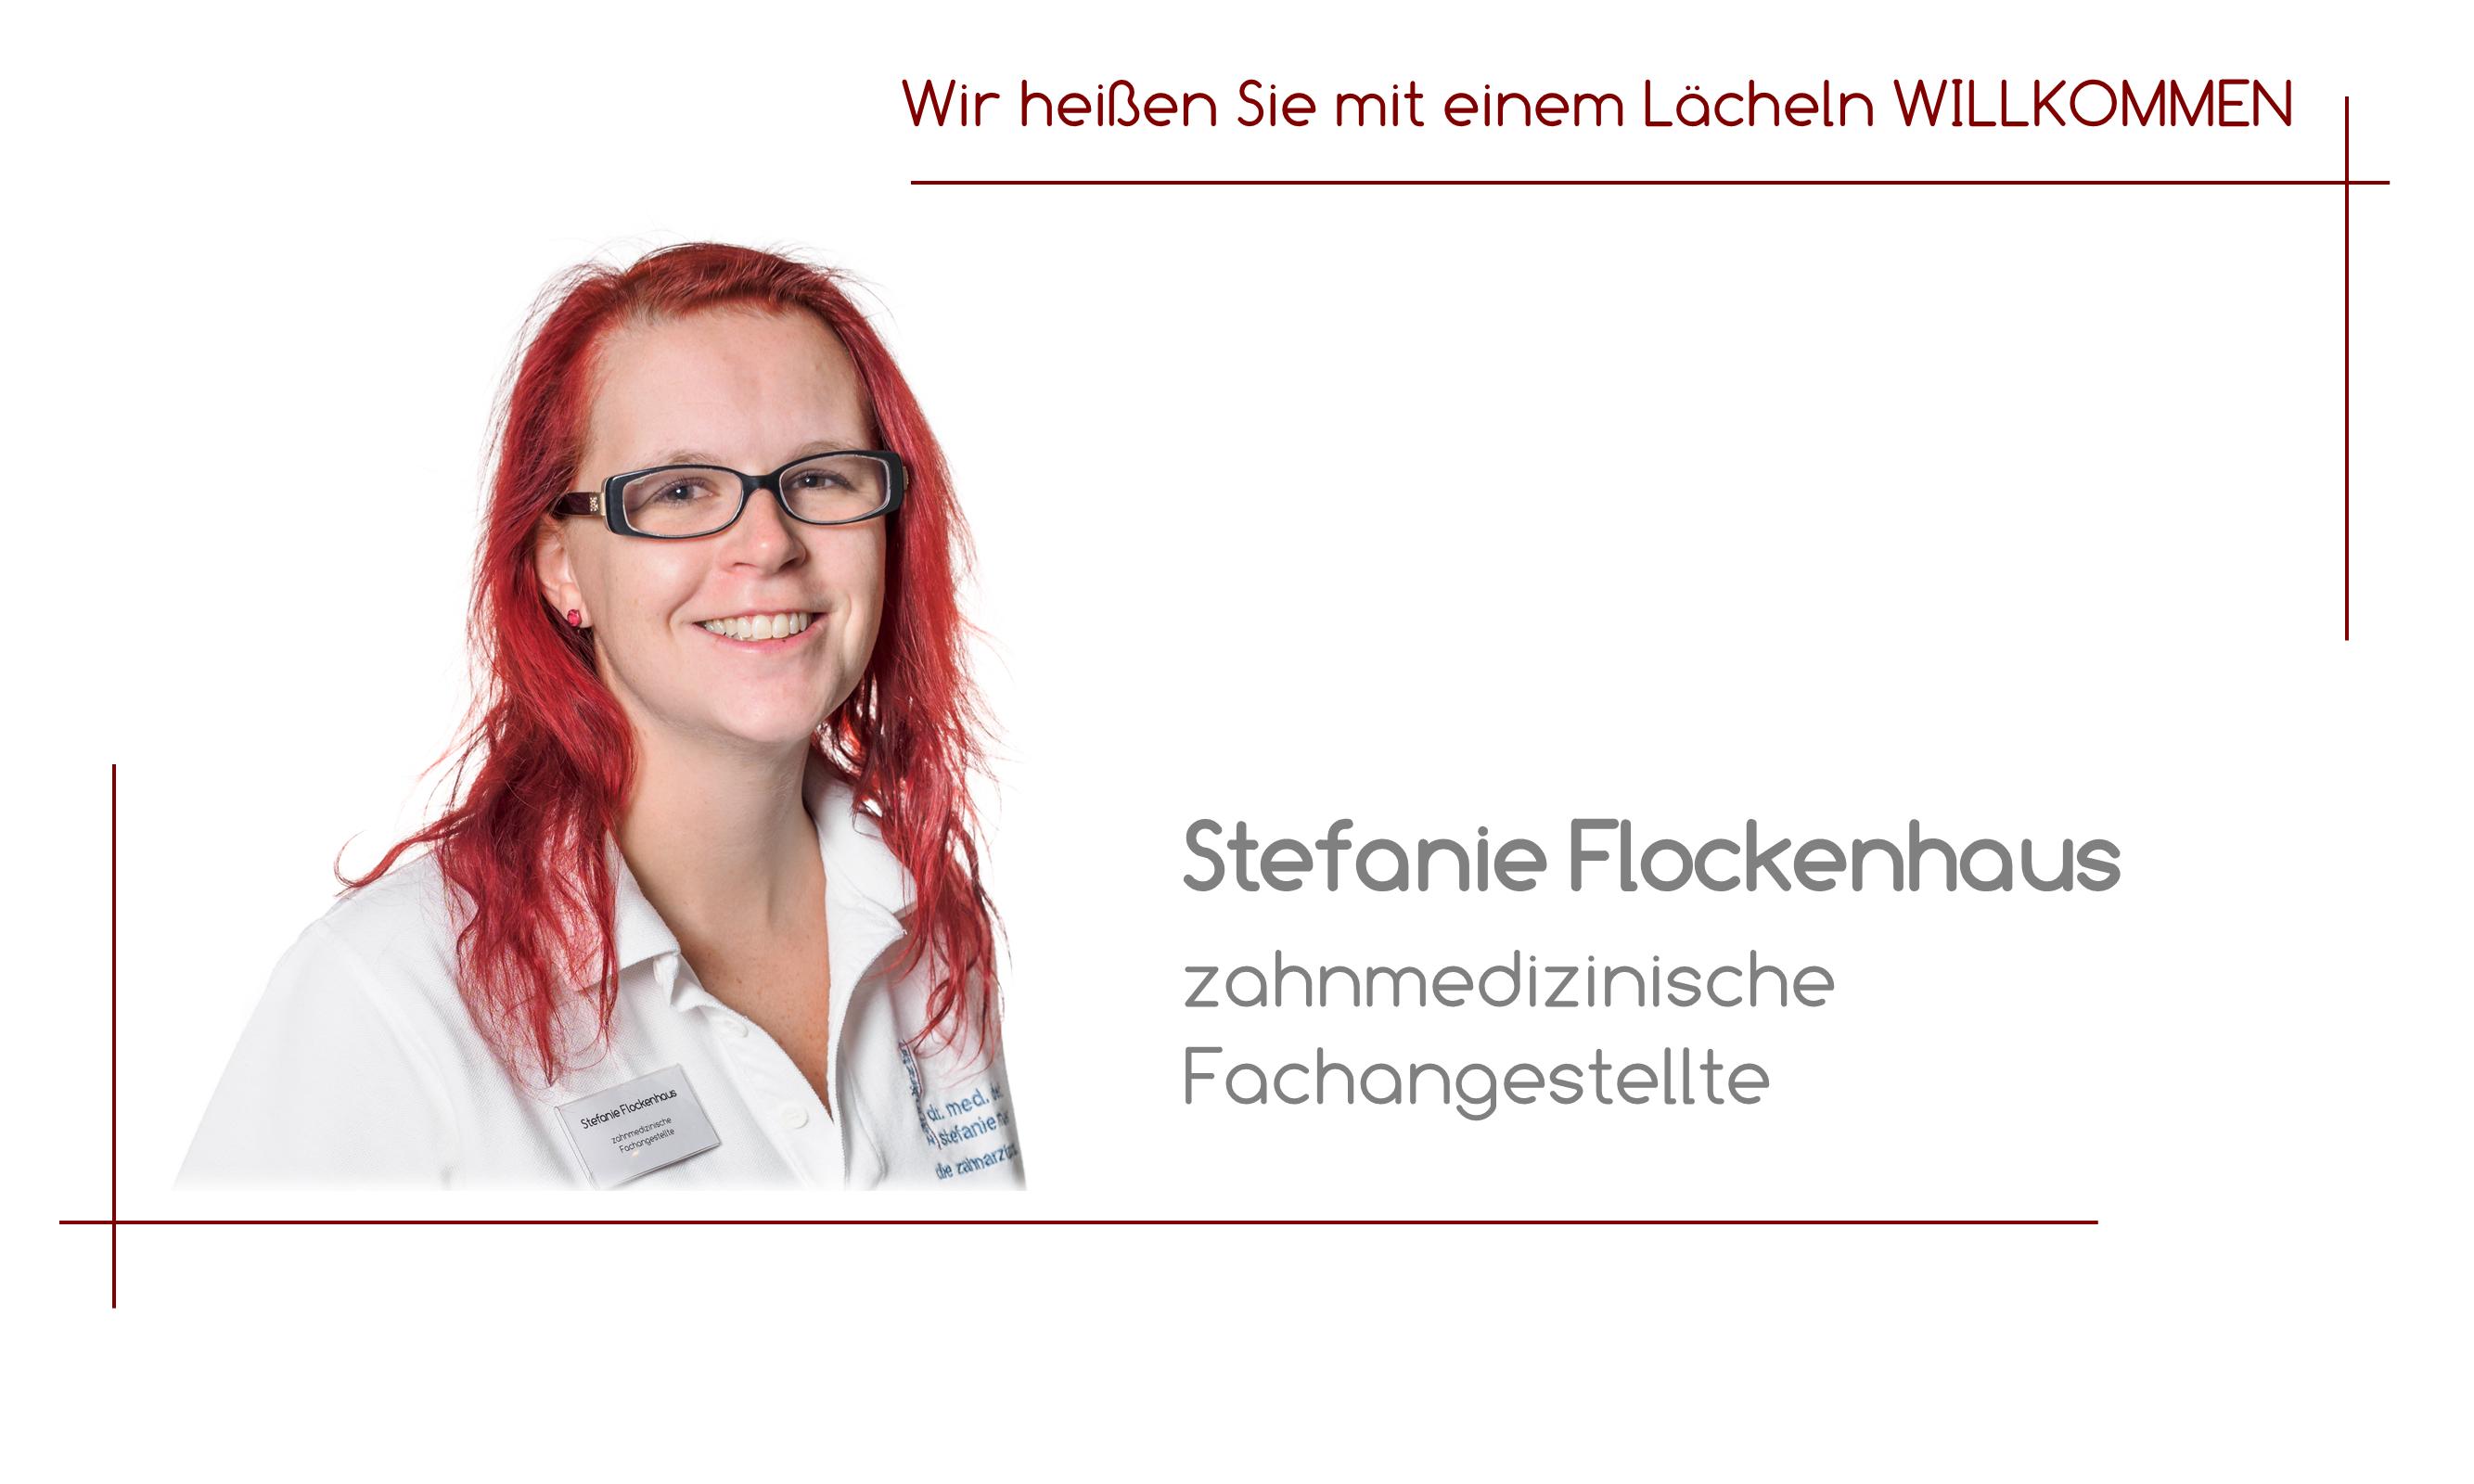 Stefanie Flockenhaus - zahnmedizinische Fachangestellte